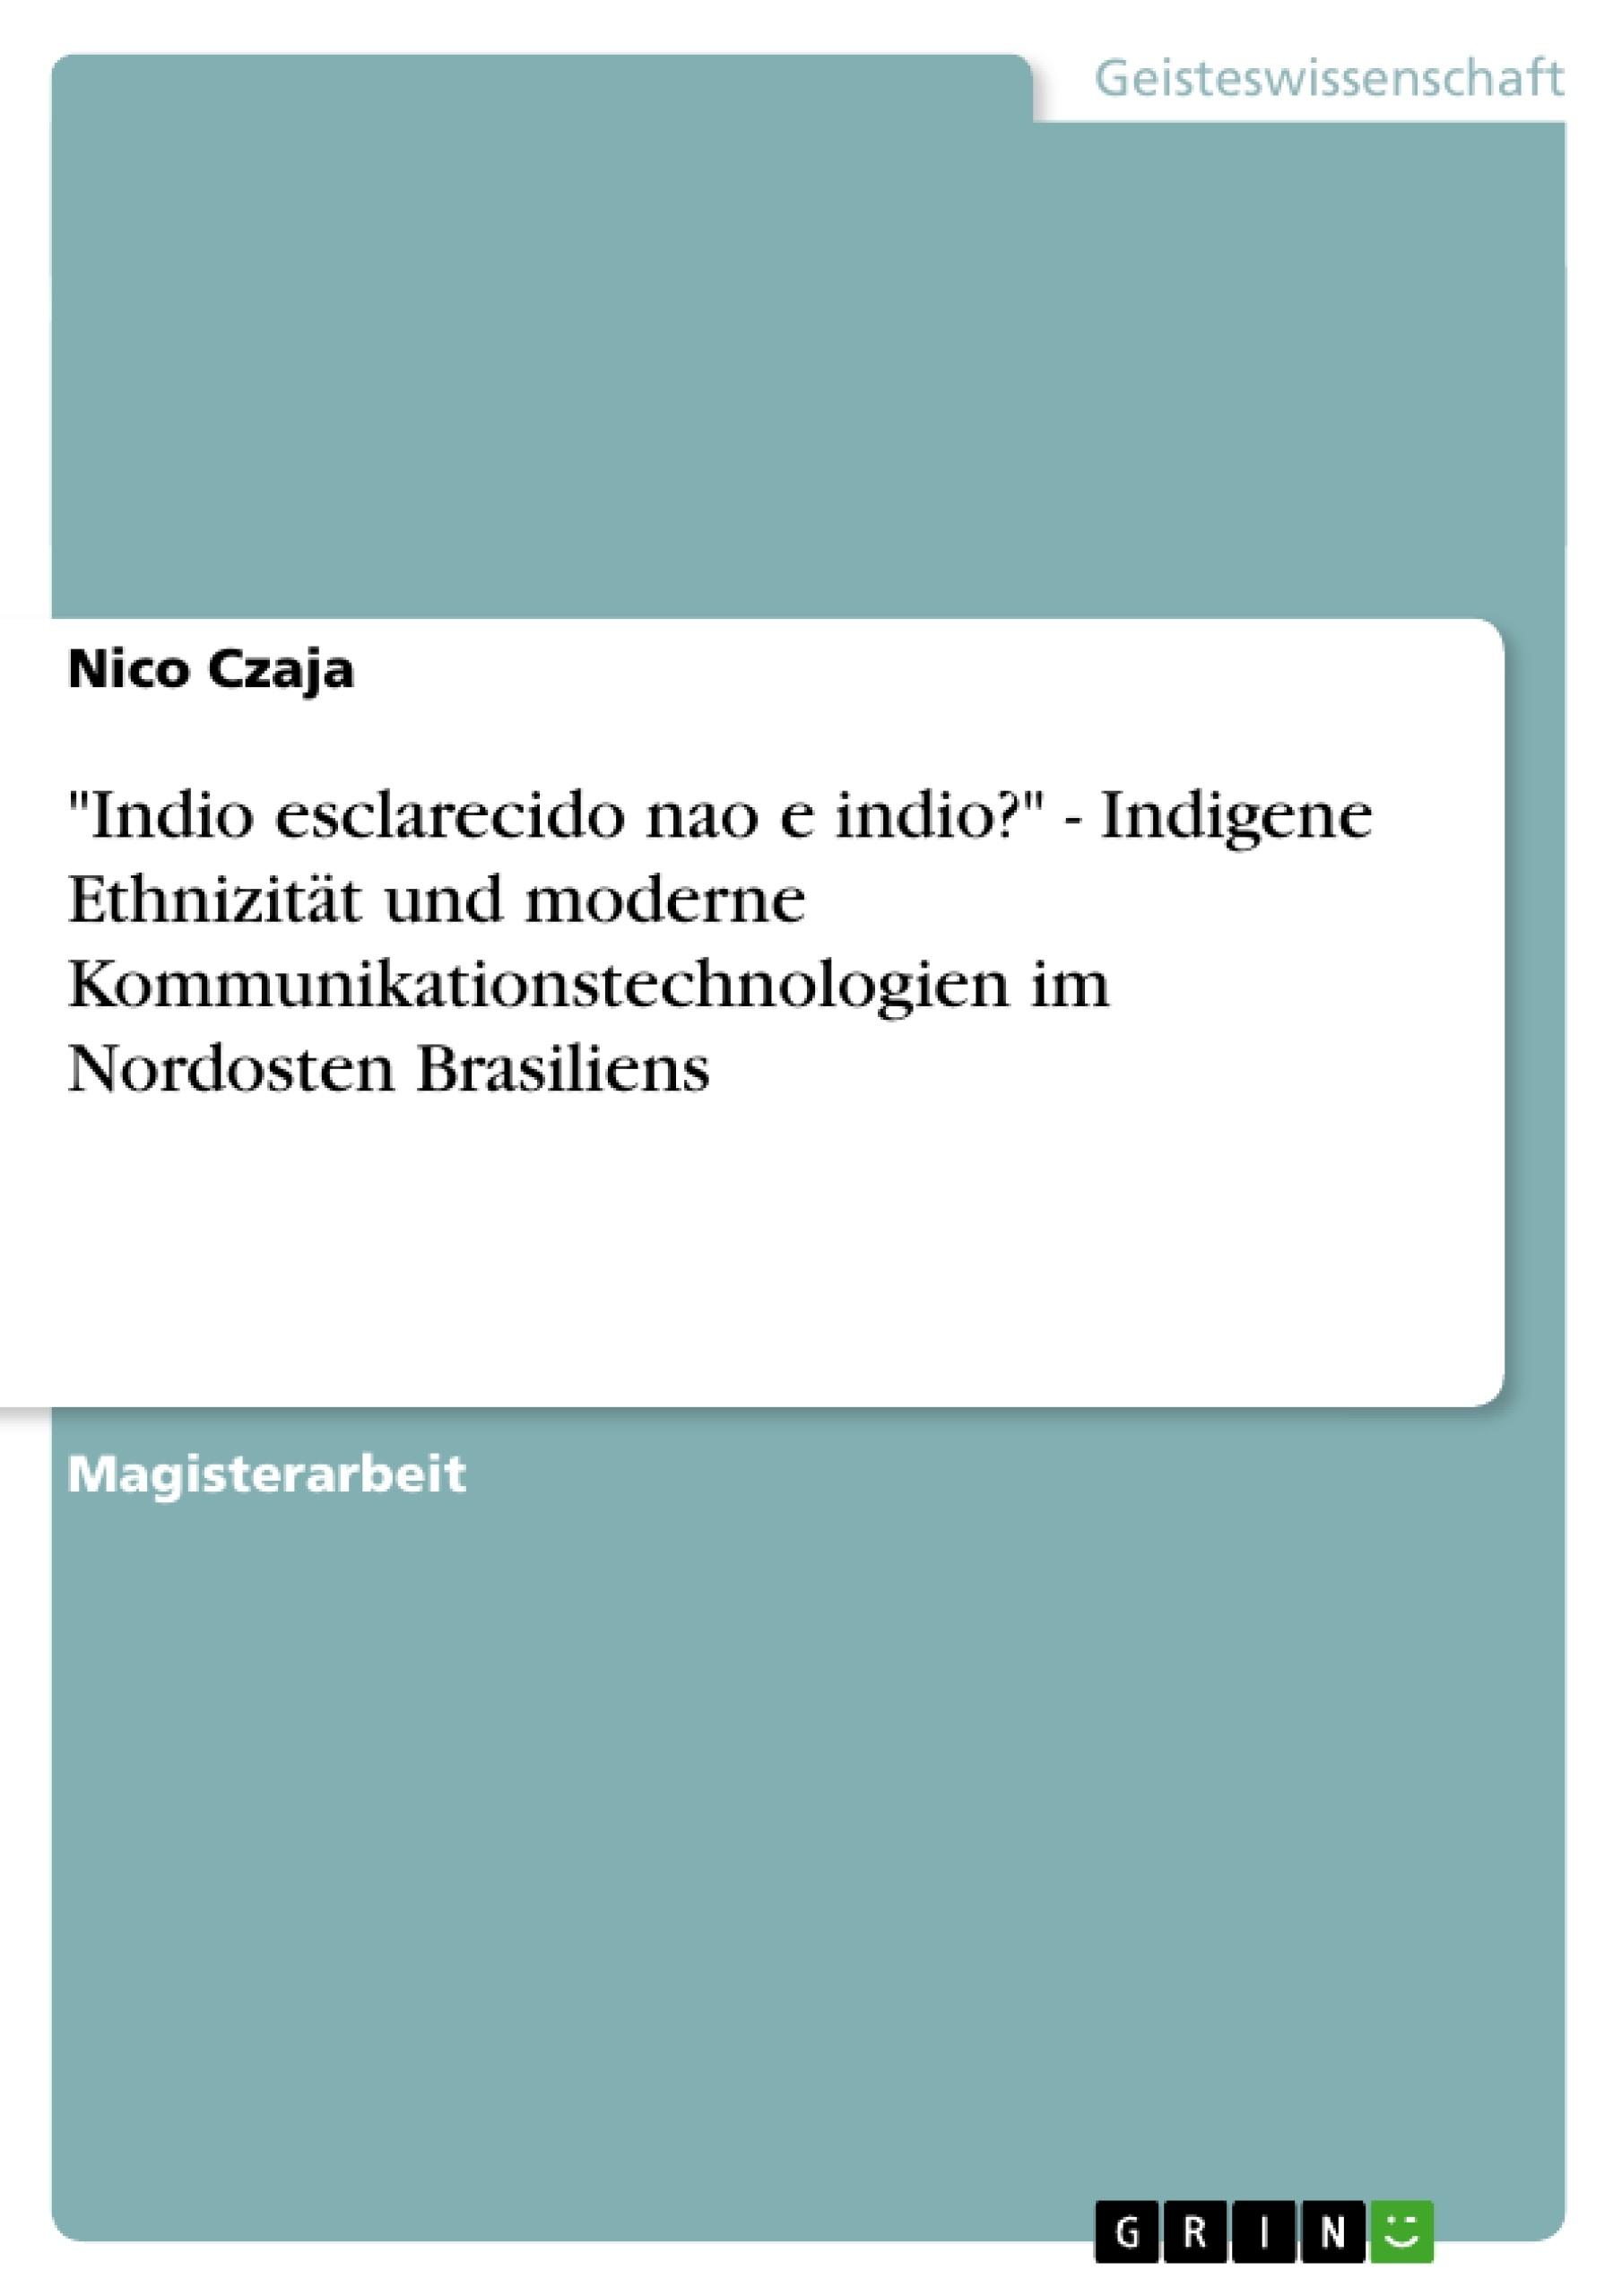 """Titel: """"Indio esclarecido nao e indio?"""" - Indigene Ethnizität und moderne Kommunikationstechnologien im Nordosten Brasiliens"""